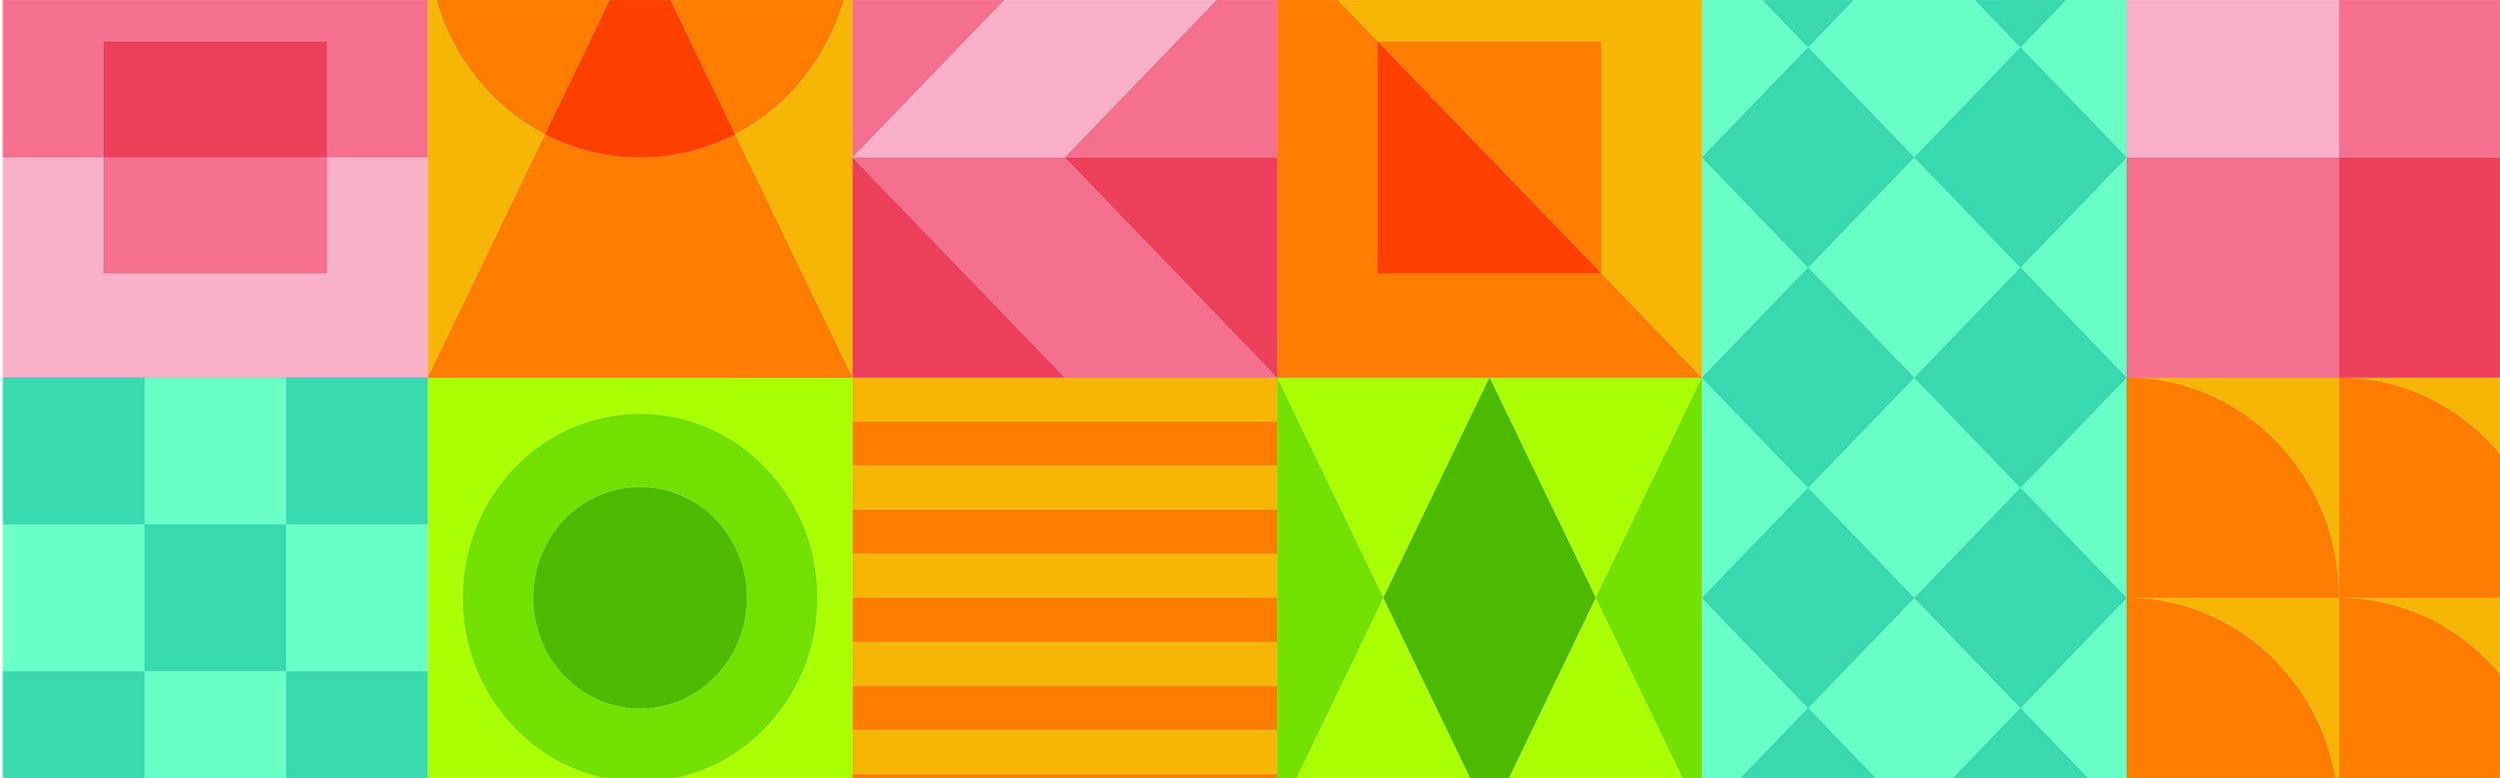 Pattern header.jpg